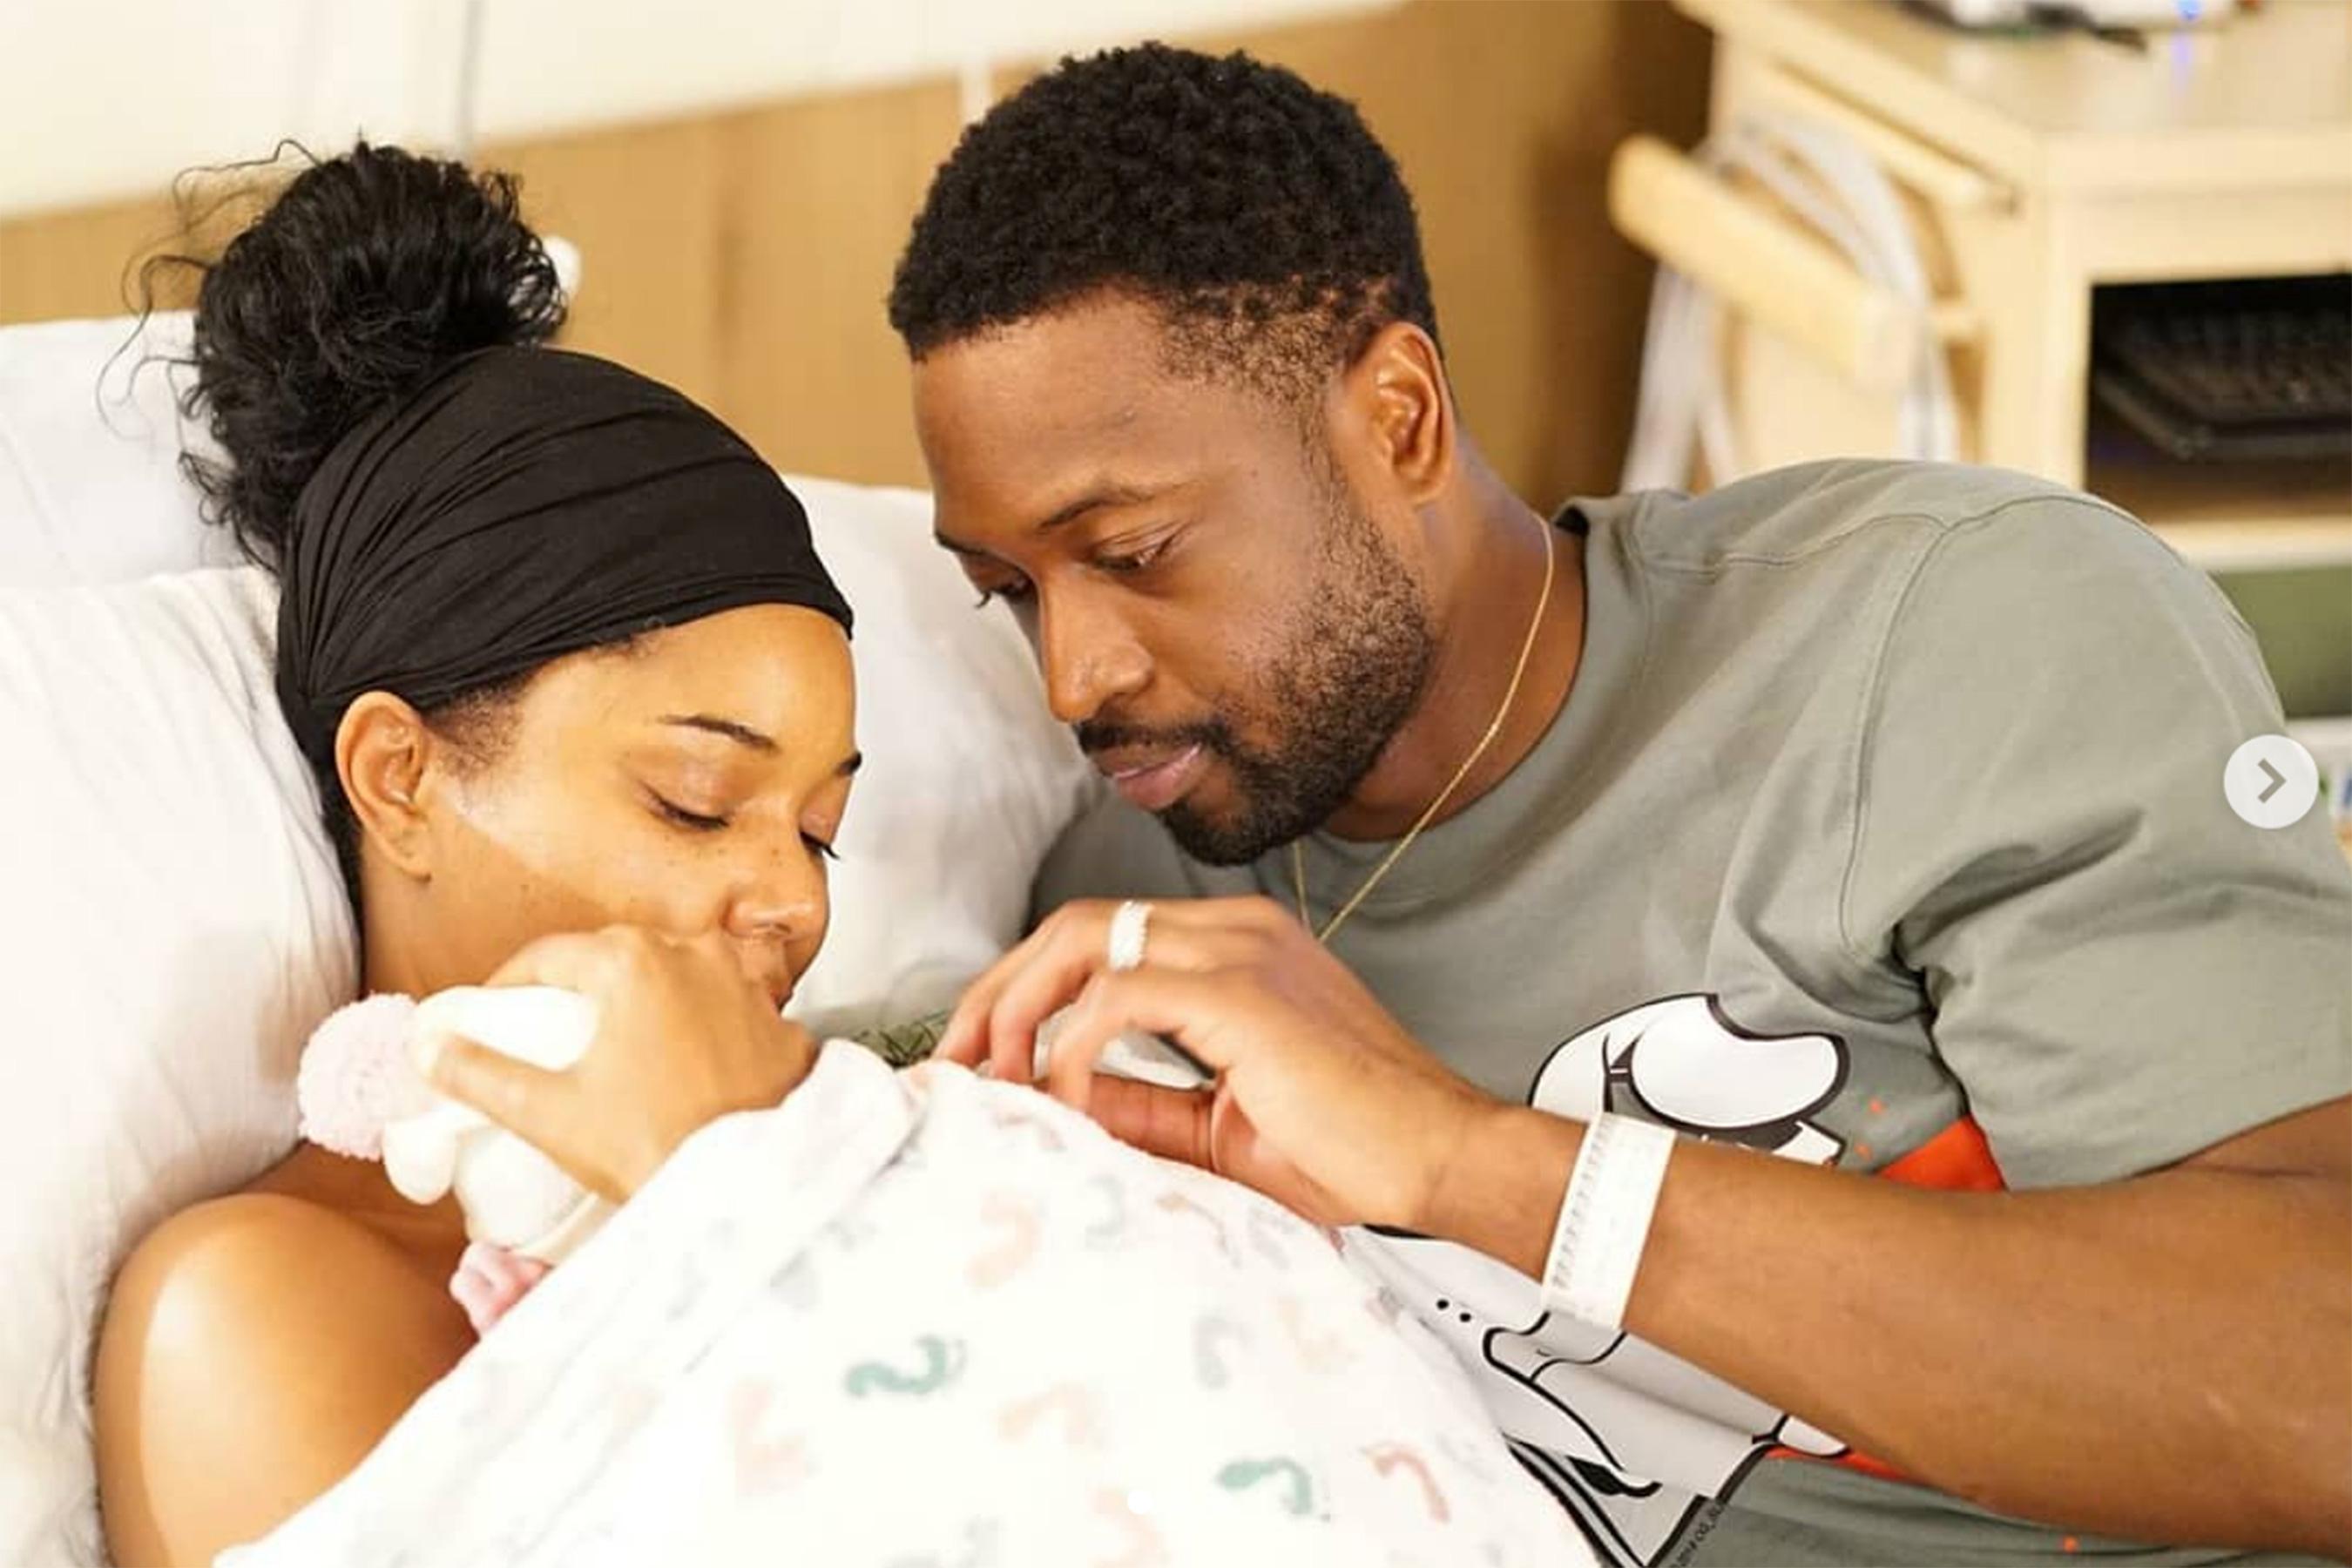 韦德:女儿还小需要照顾,一周后会视情况再做决定